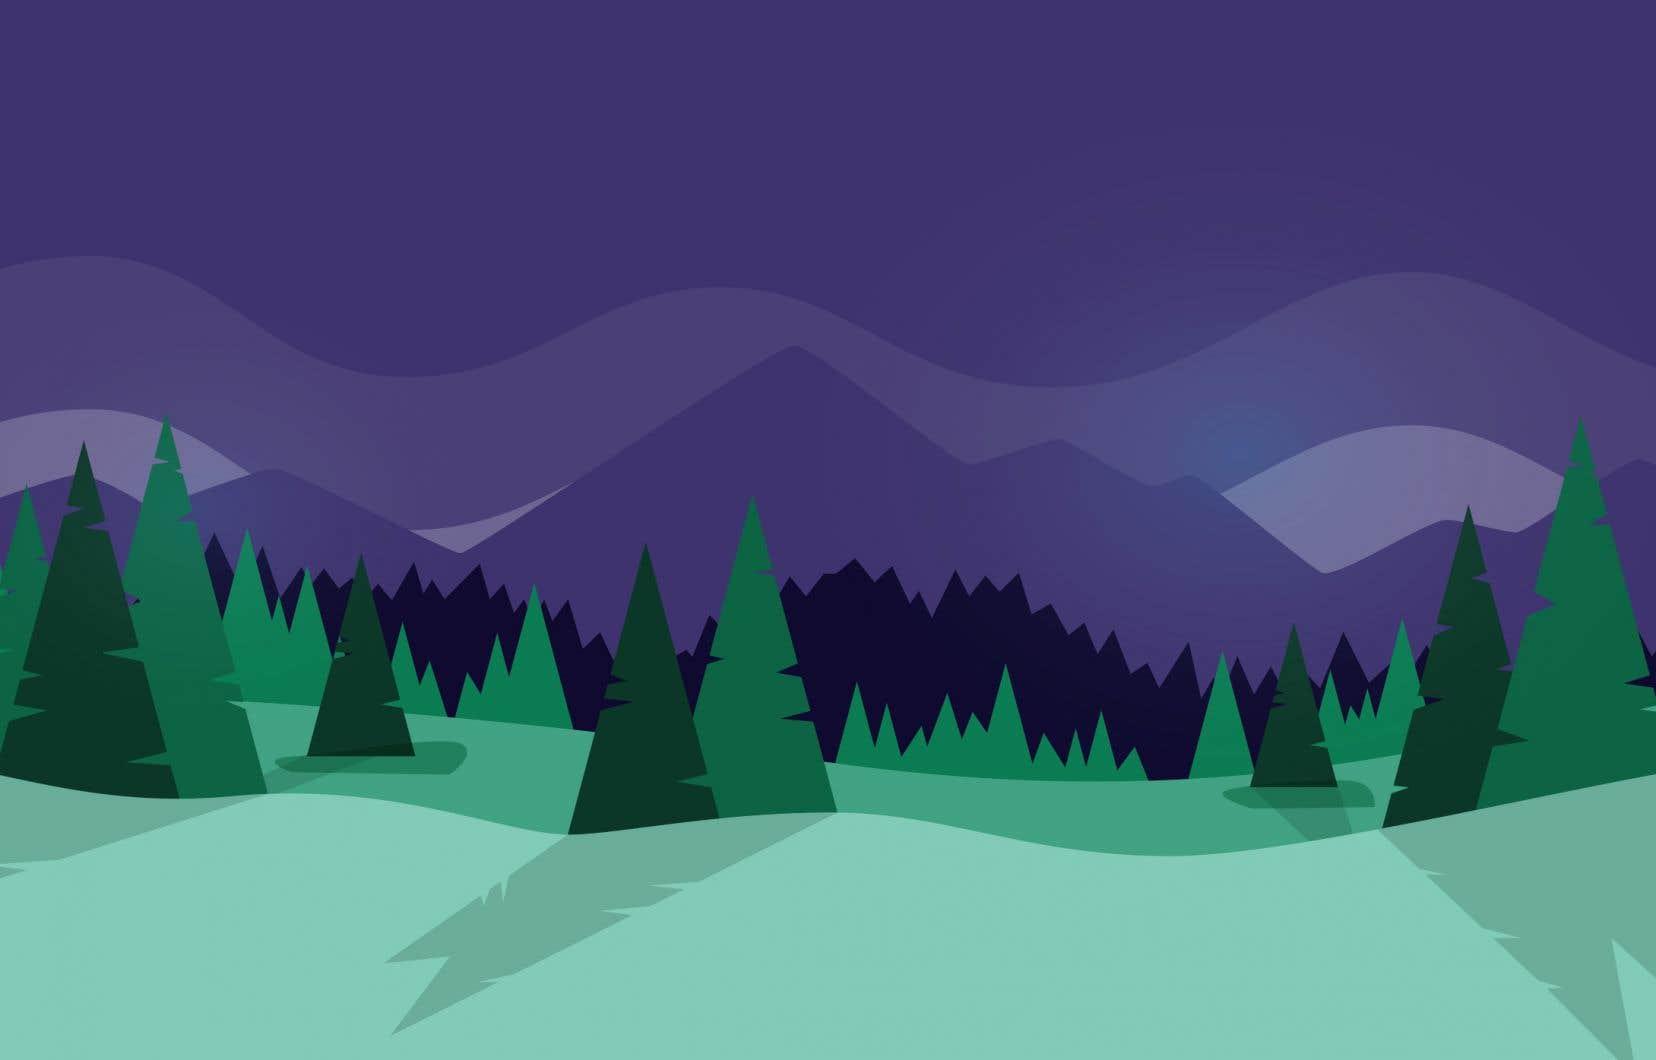 À elles seules, les forêts du Québec pourraient permettre de réduire les gaz à effet de serre de 10millions de tonnes.